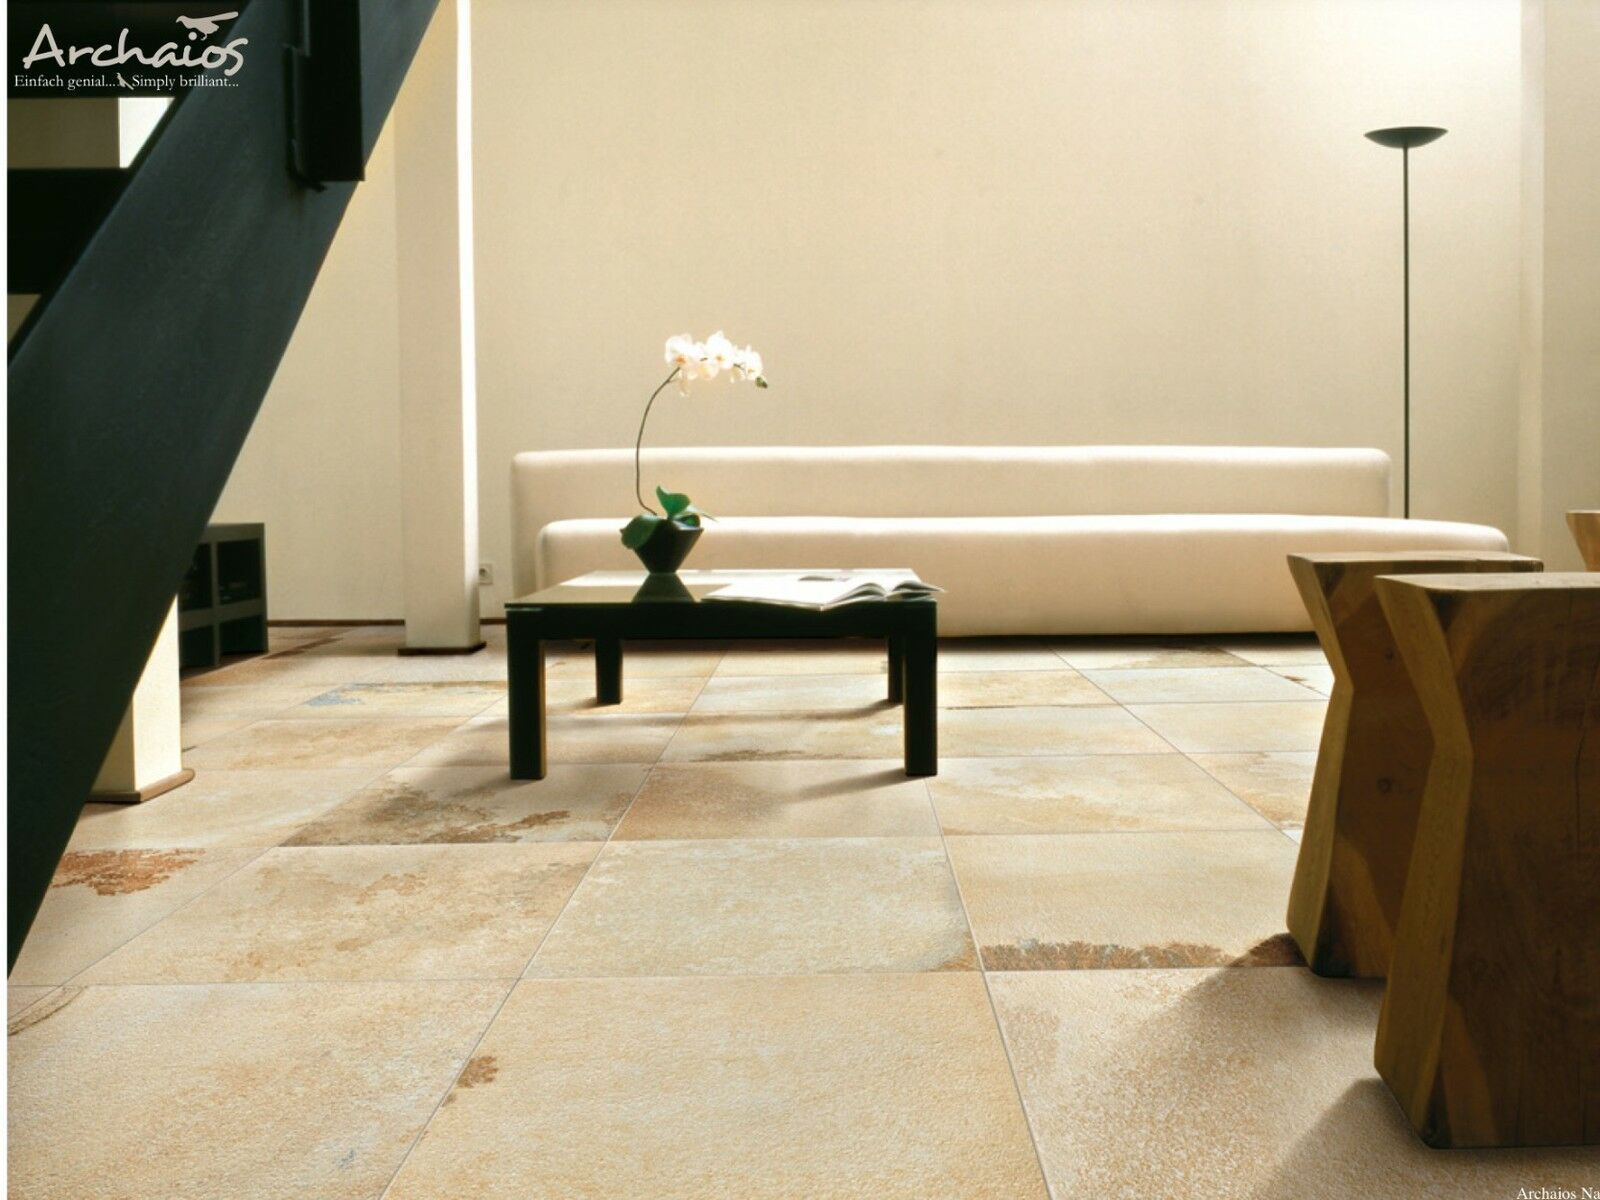 glasierte feinsteinzeug bodenfliese solnhofener nachbildung naturstein imitat eur 38 00. Black Bedroom Furniture Sets. Home Design Ideas